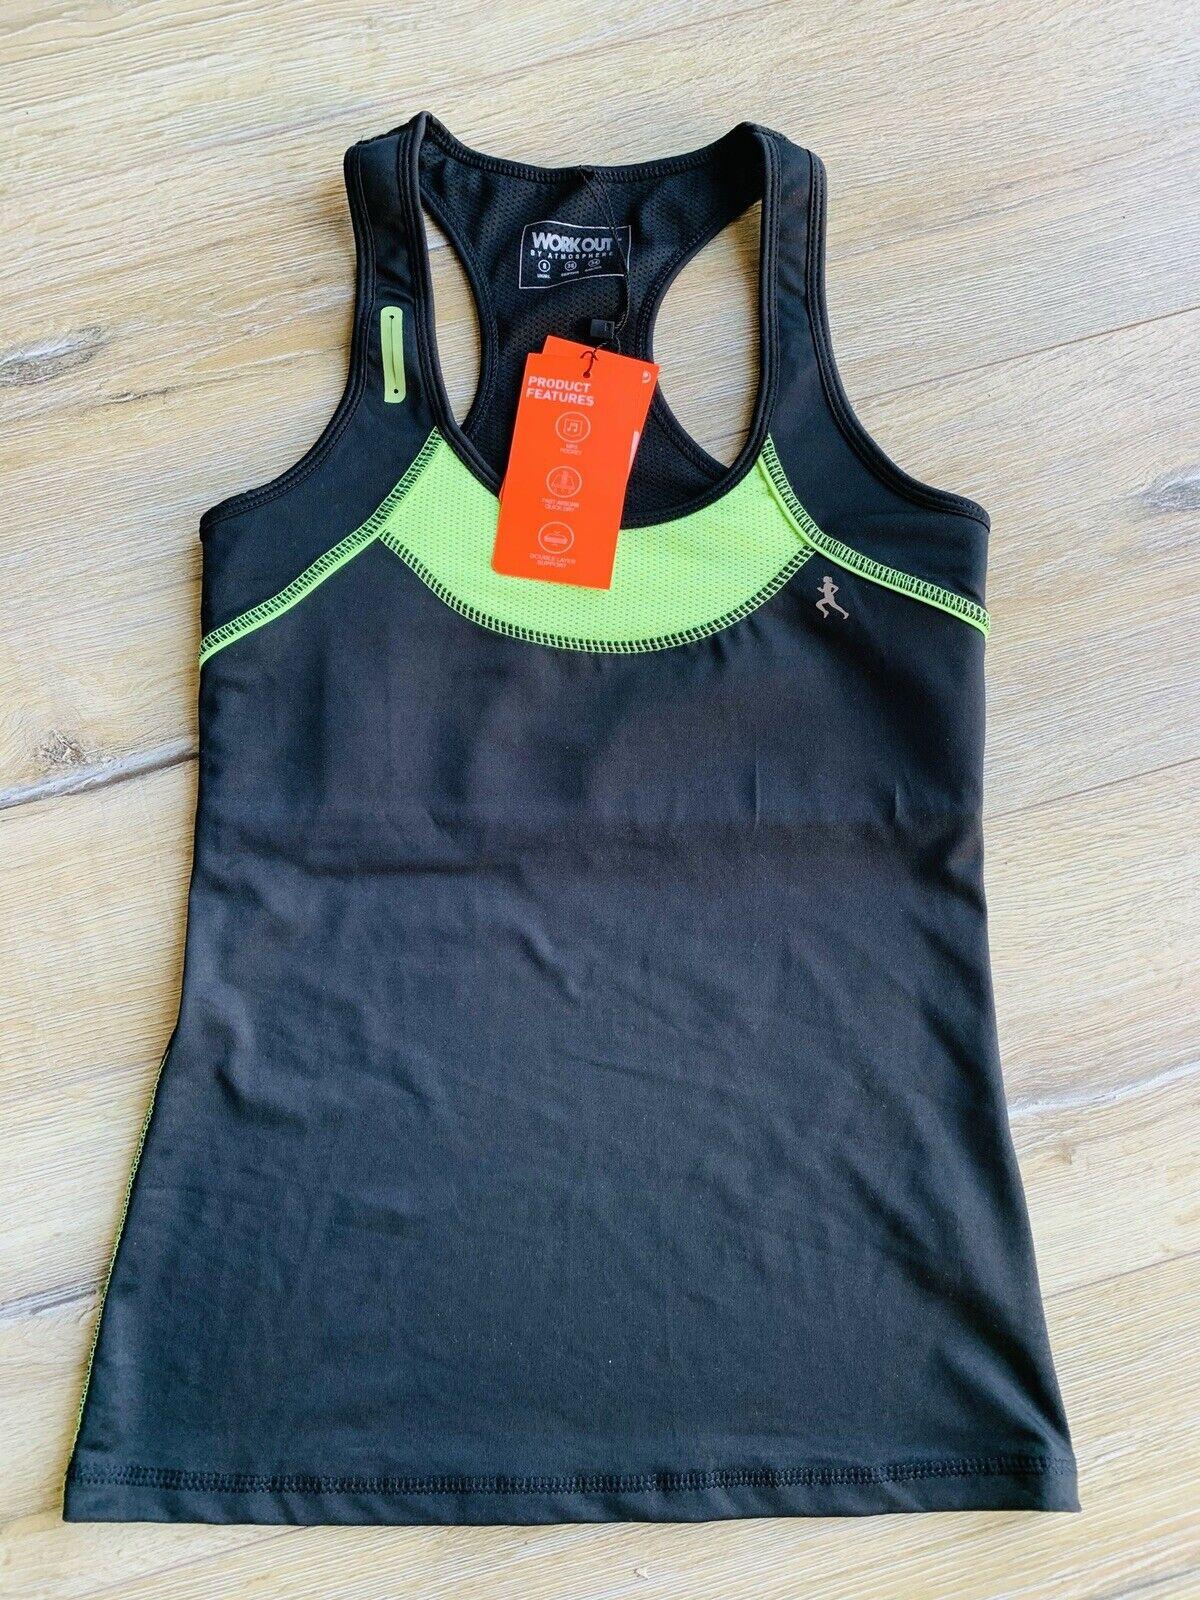 Sport Top Damen 34 36 XS S Schwarz Neu Mit Etikette Funktion Workout Gym Sport